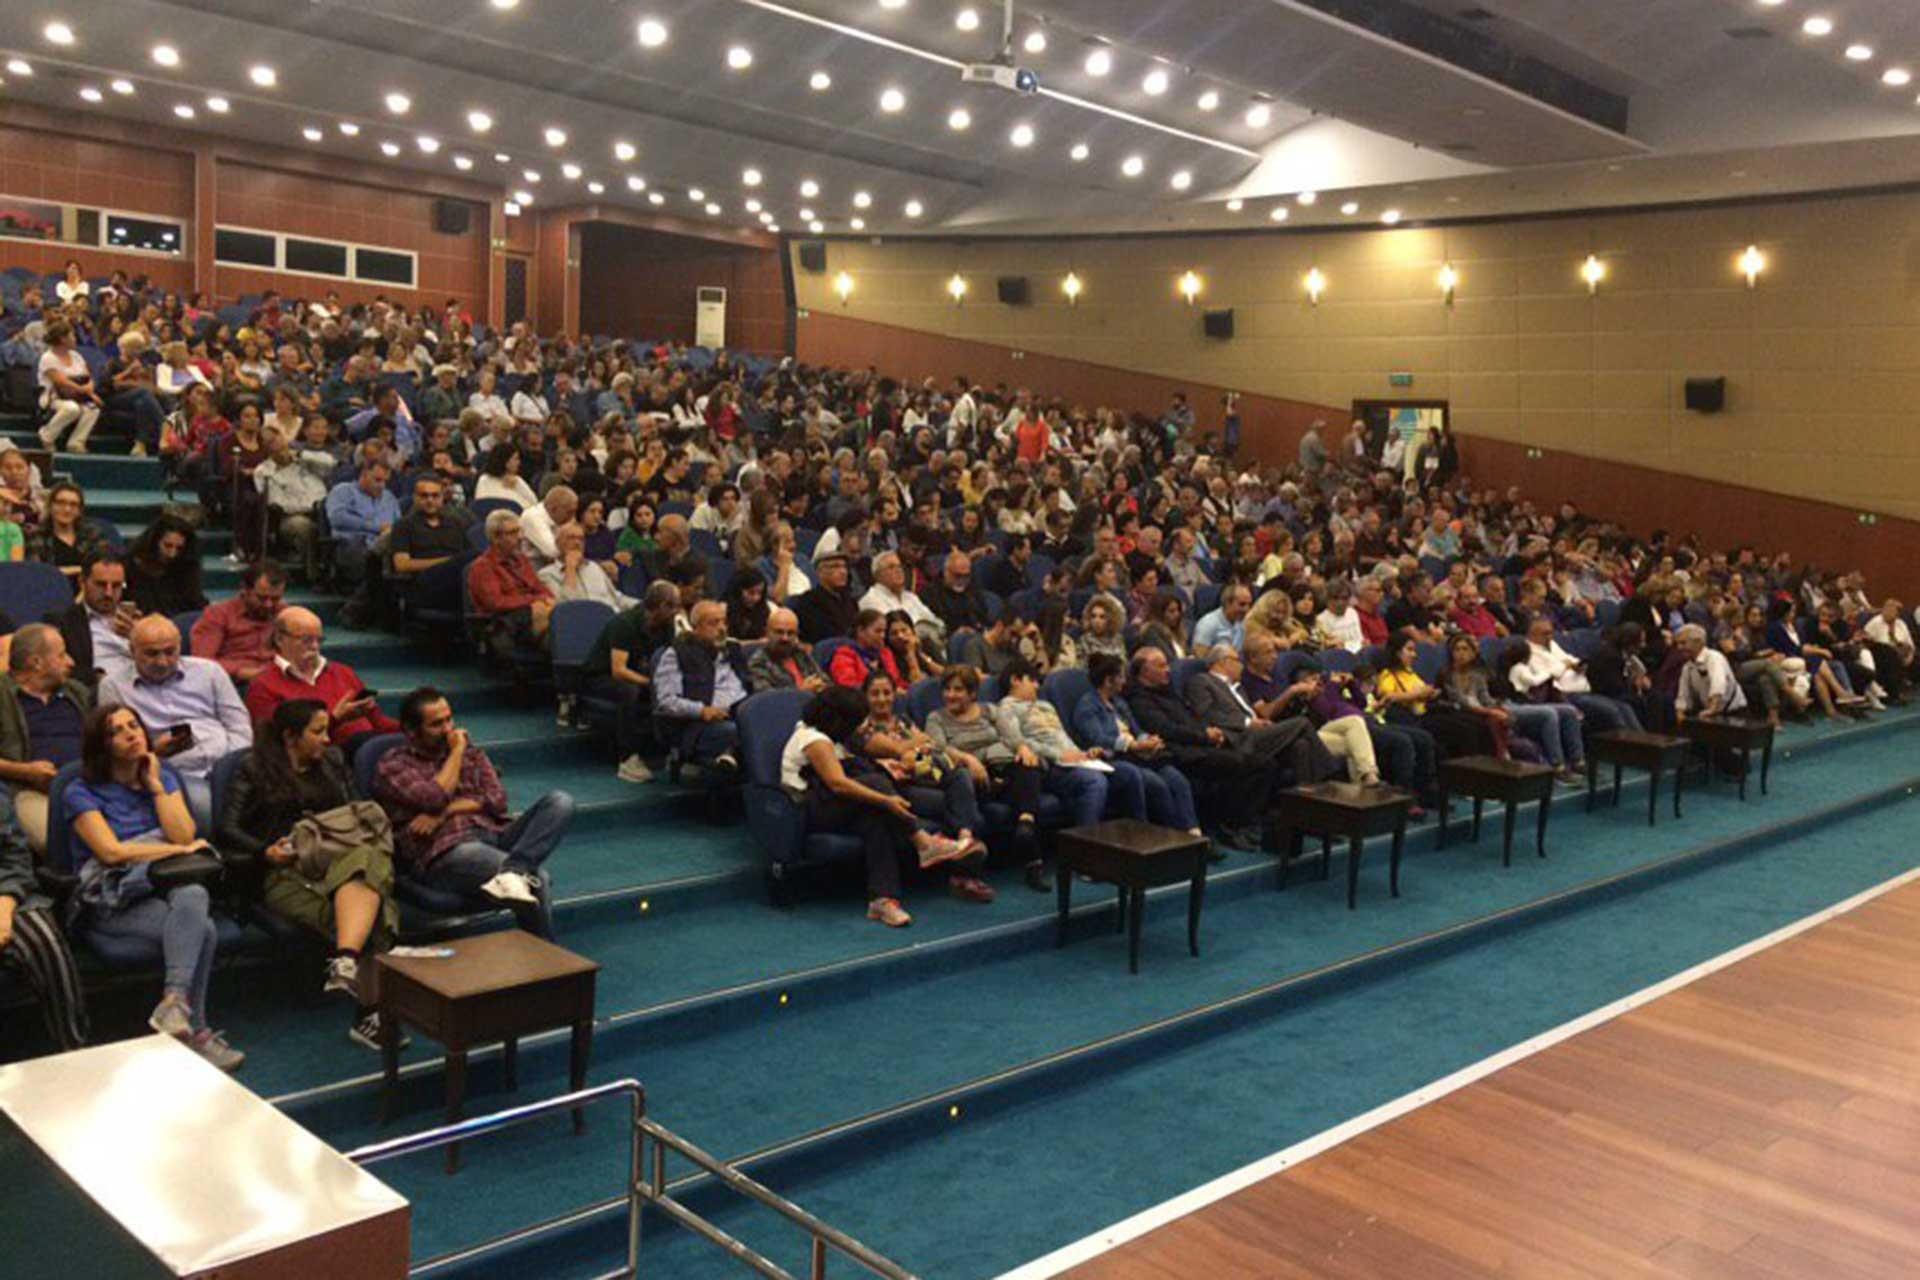 Mersin'de Evrensel'in 25. yıl dönümü etkinliği için çok sayıda kişi bir araya geldi.